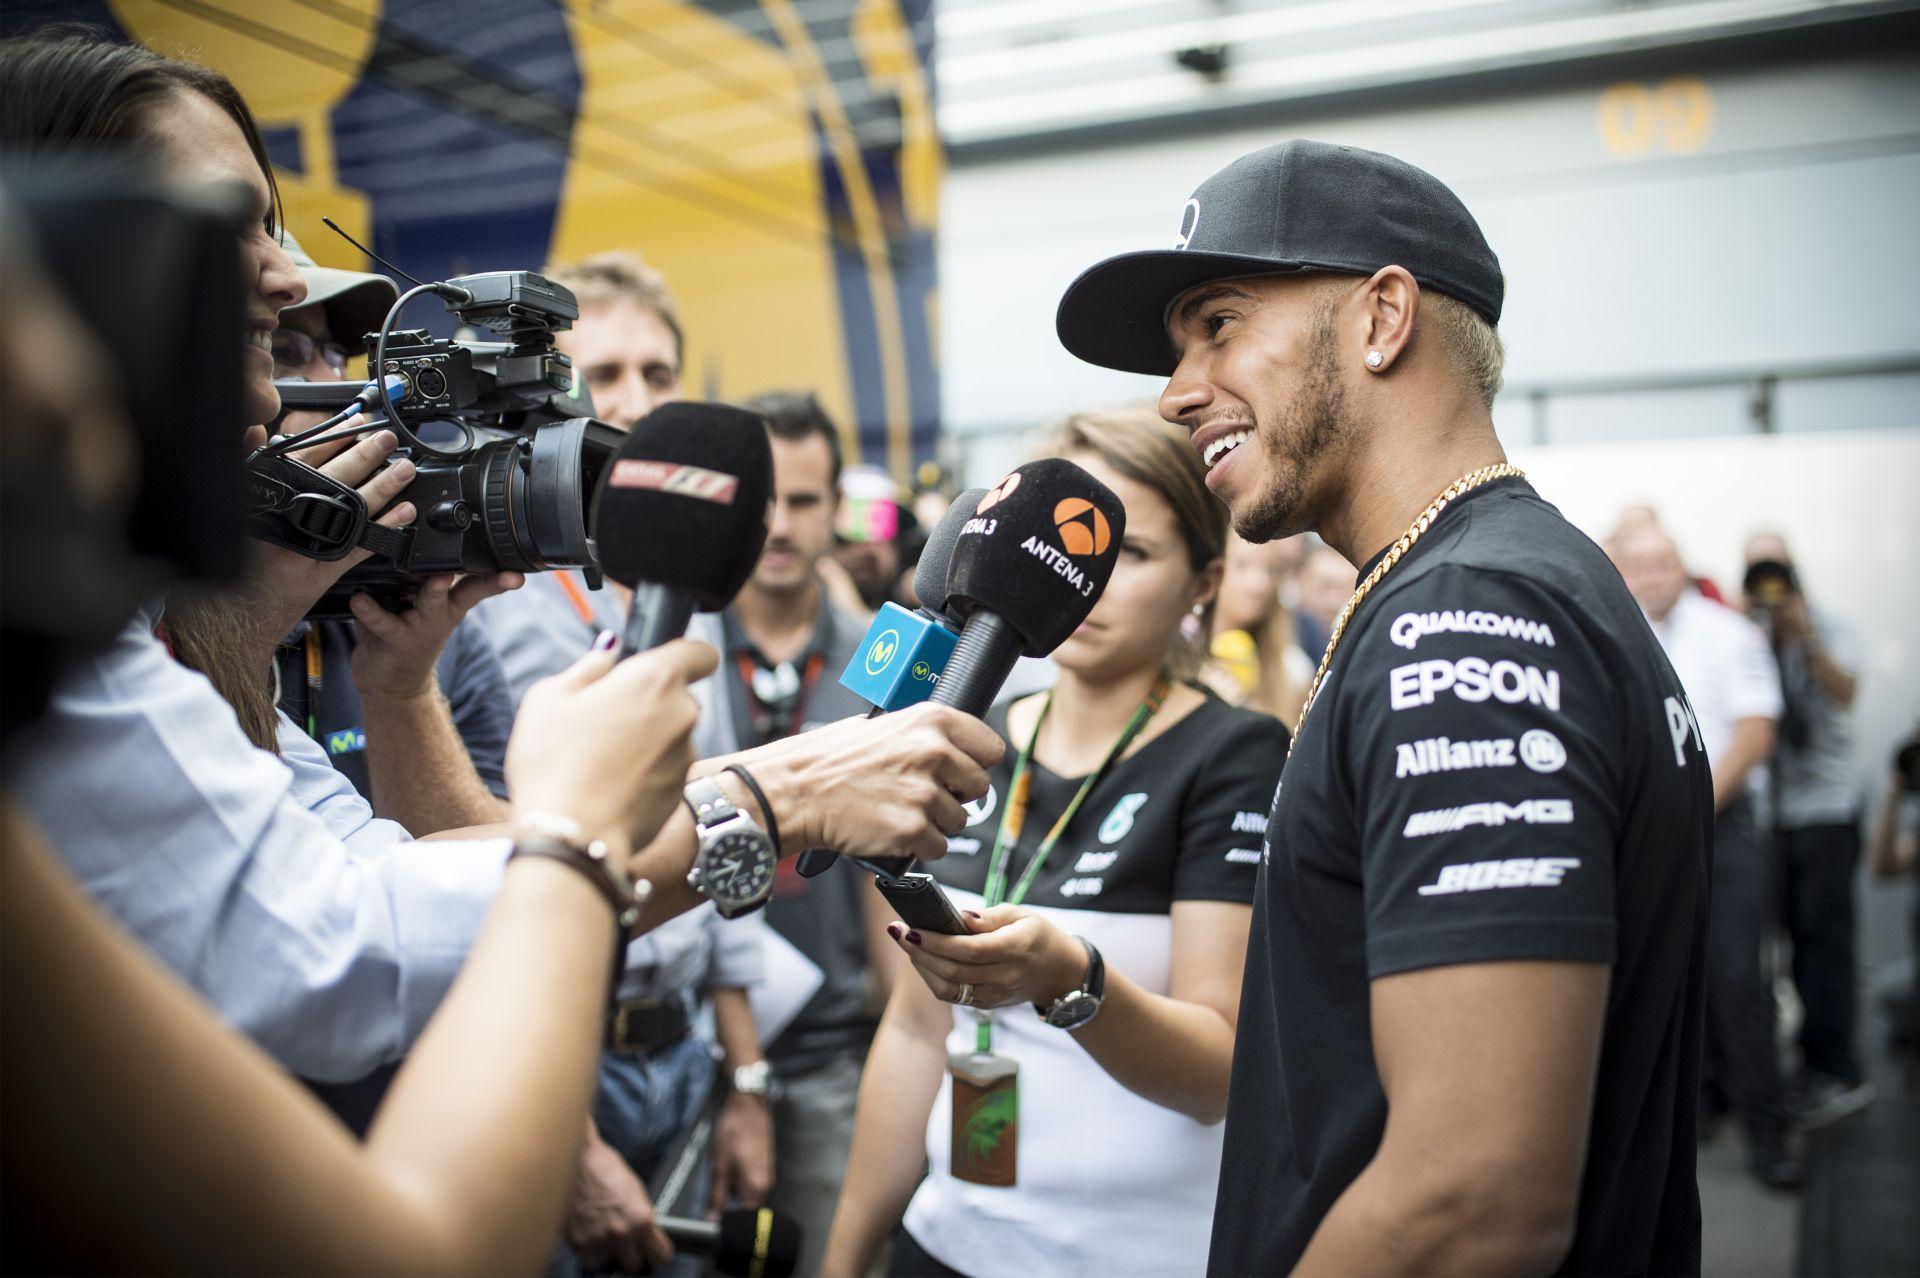 Hamilton fénysebességű idővel nyerte meg az első edzést Monzában Rosberg és Vettel előtt! Dupla KO a McLarennél!